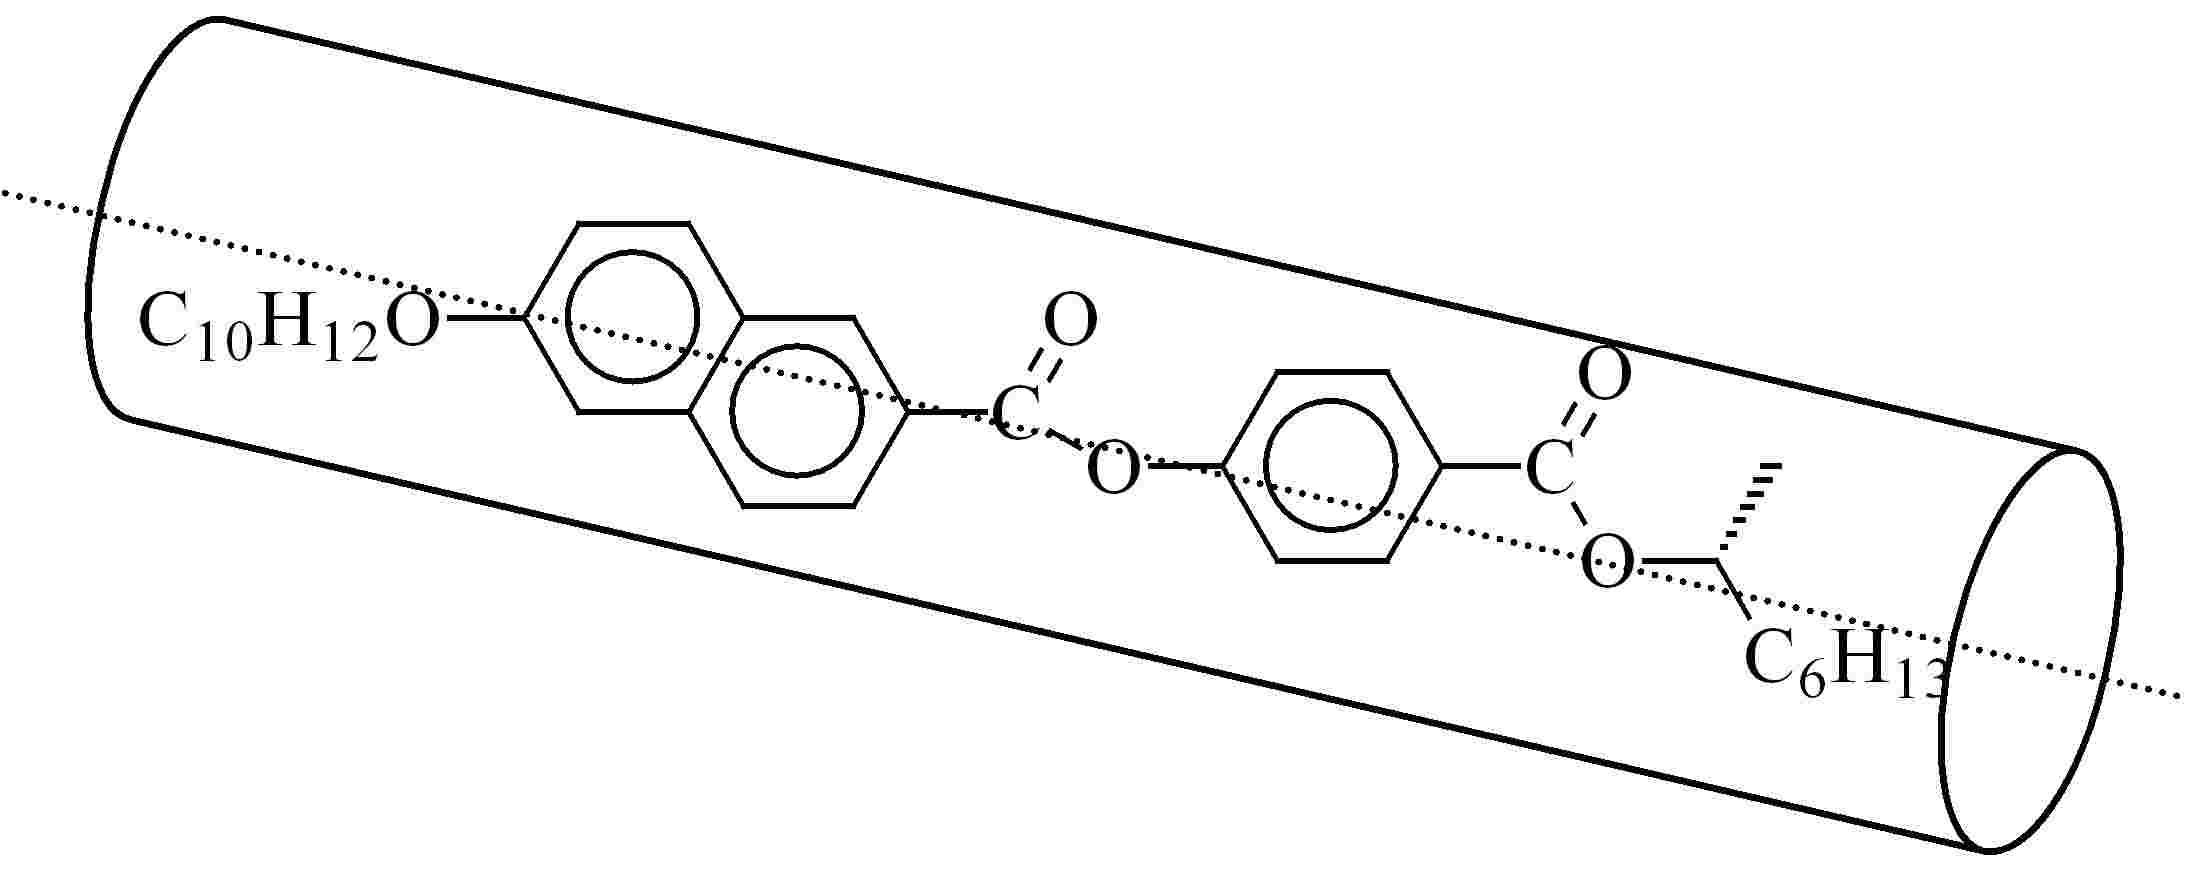 Cristales Líquidos Grupo De Investigación En Las